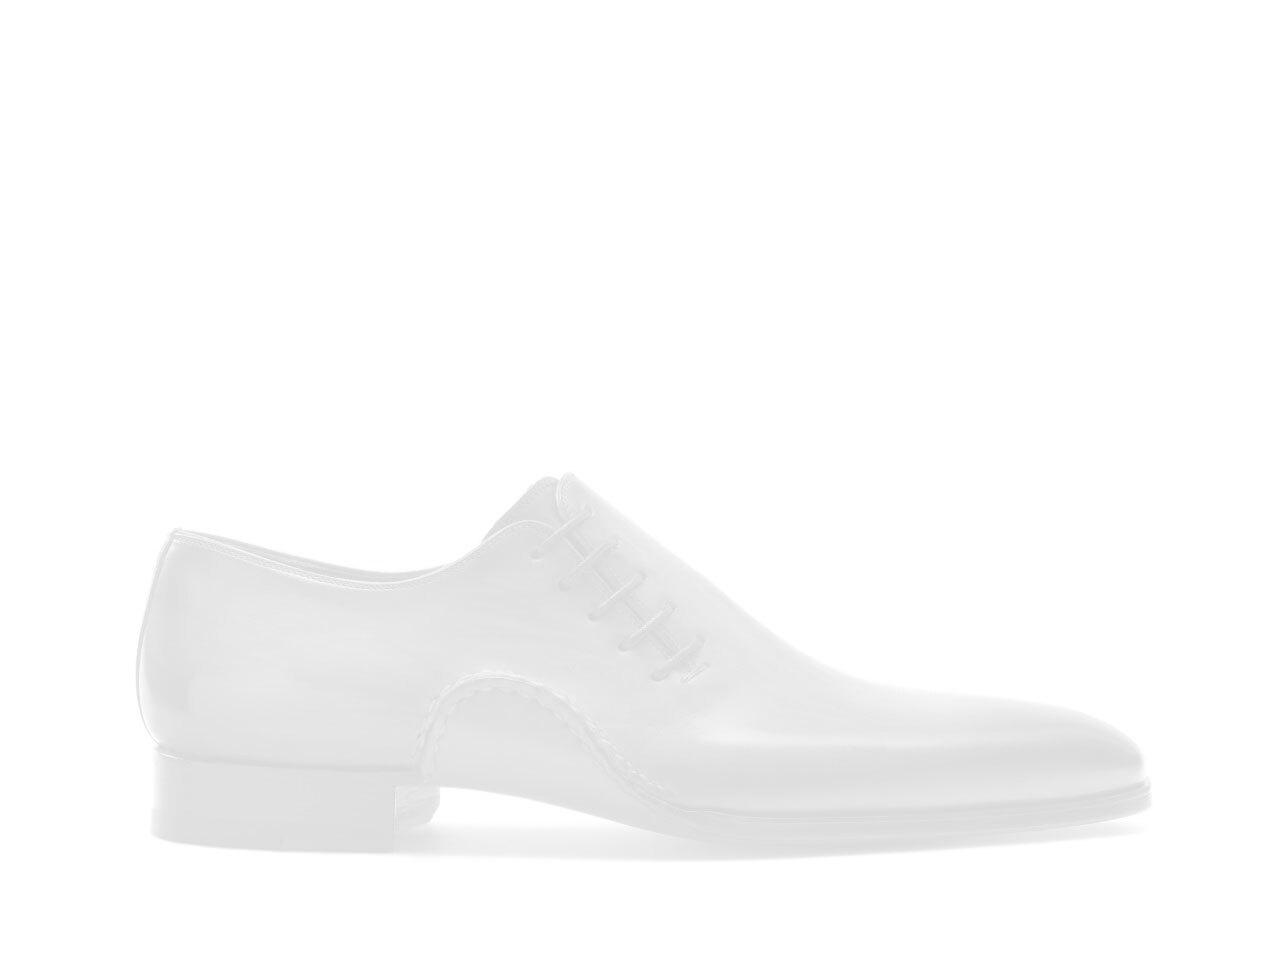 9a7ea81a6b1 Navy blue suede tassel loafer shoes for men - Magnanni